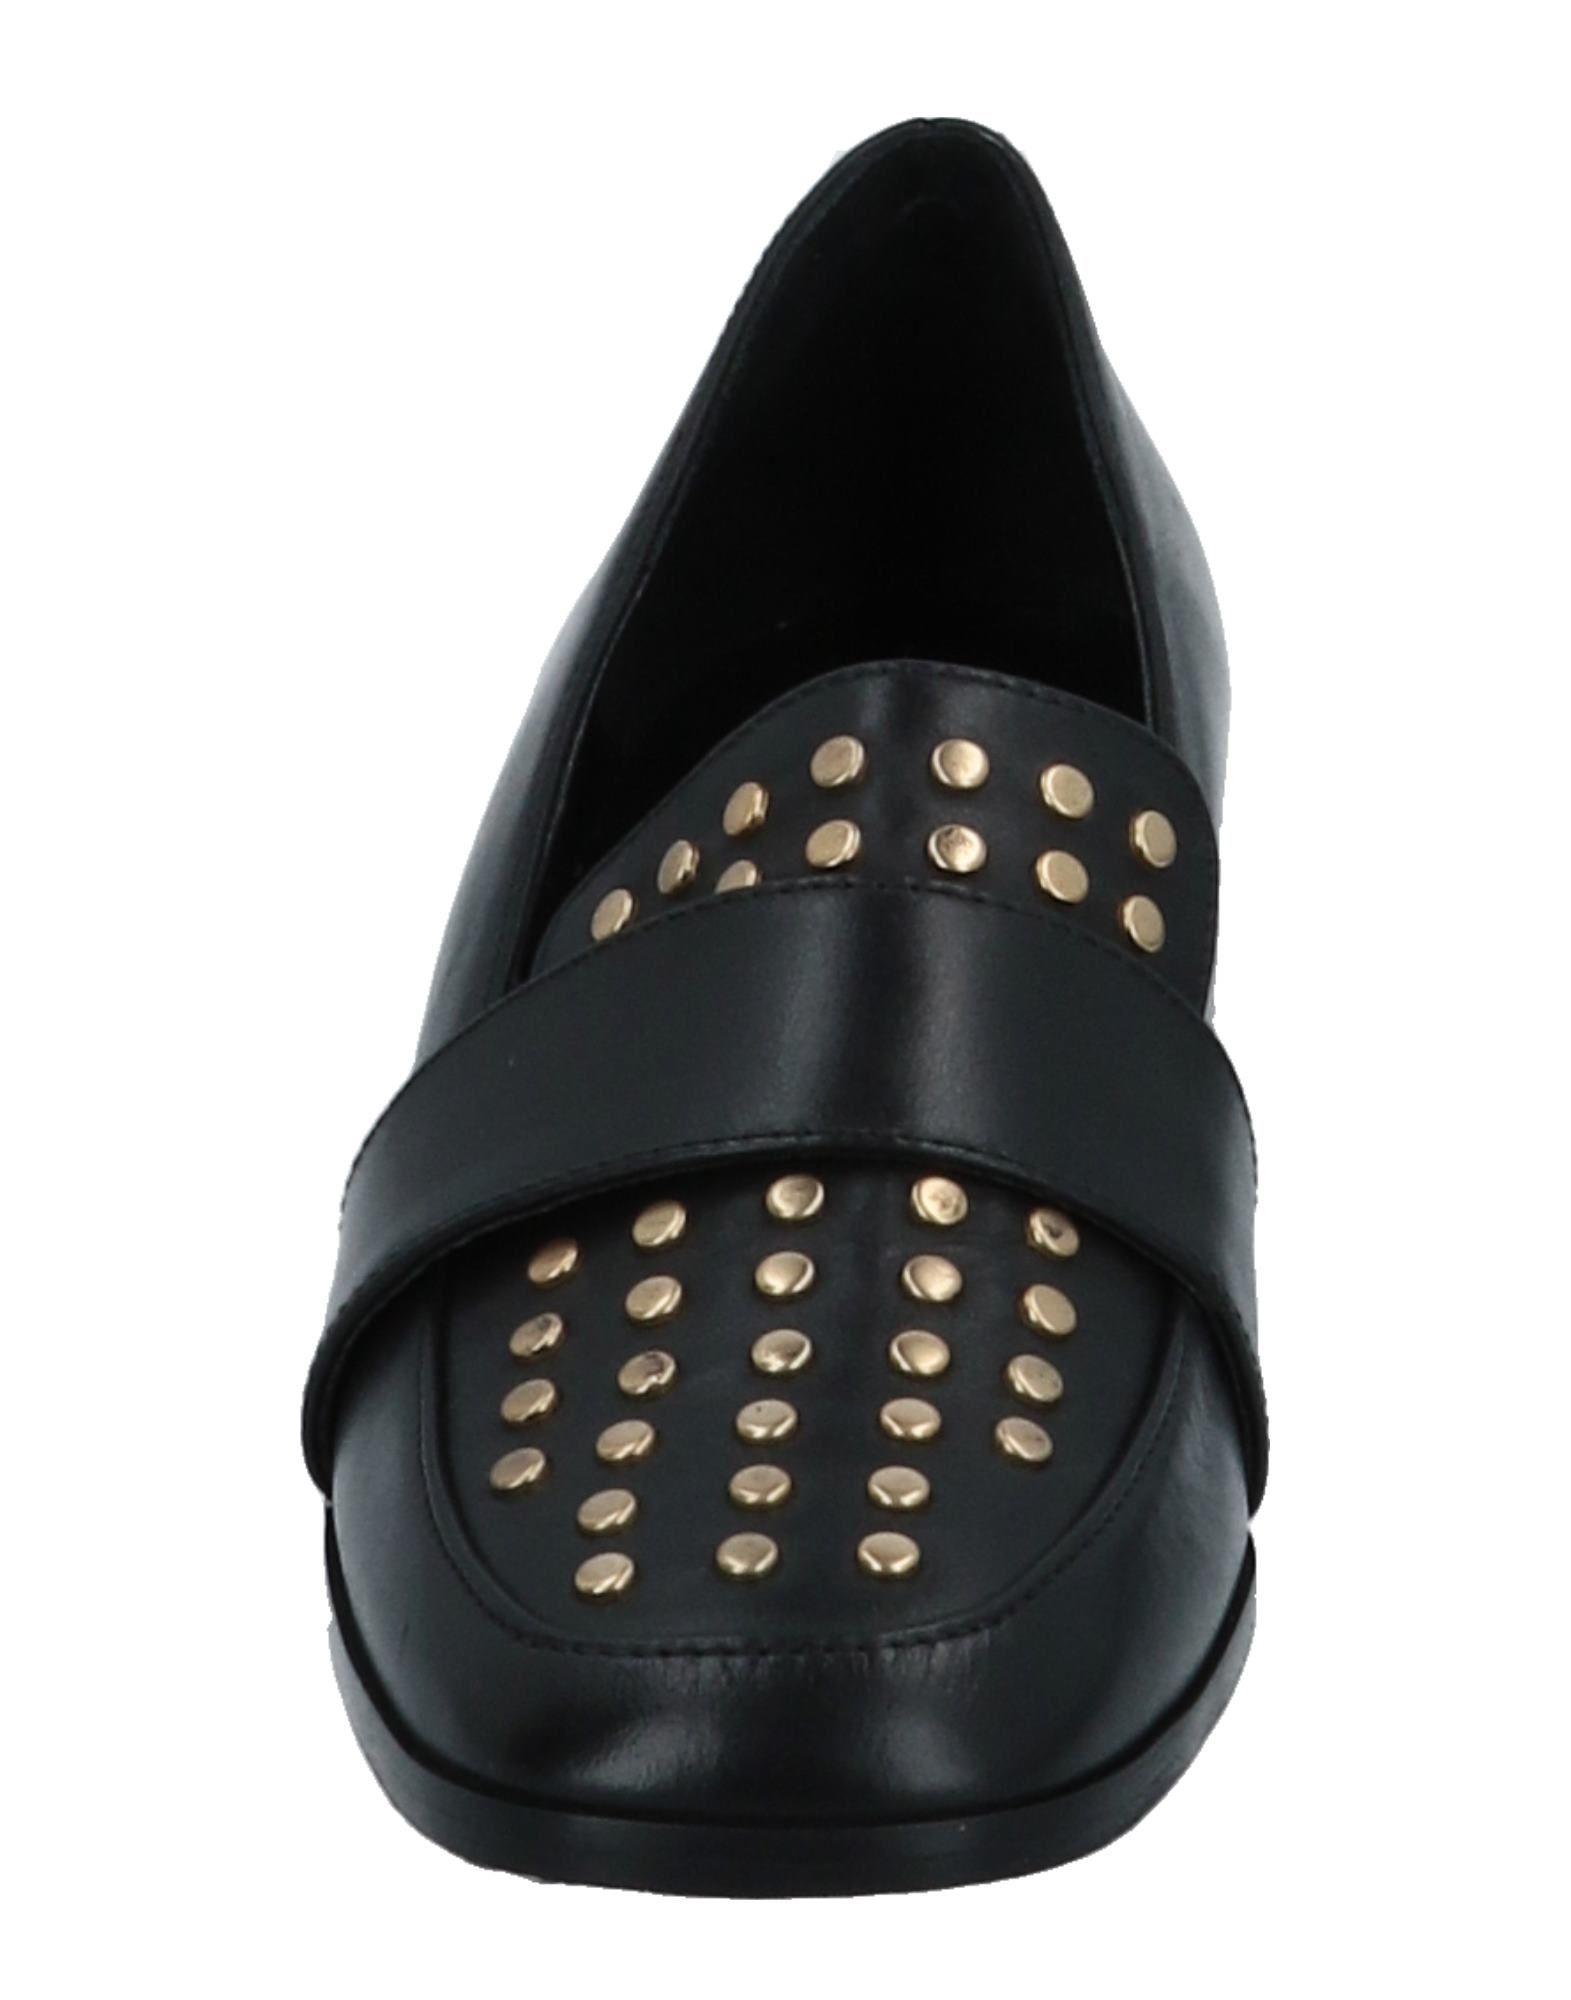 Bagatt Mokassins Damen  11515337UH beliebte Gute Qualität beliebte 11515337UH Schuhe c6d819